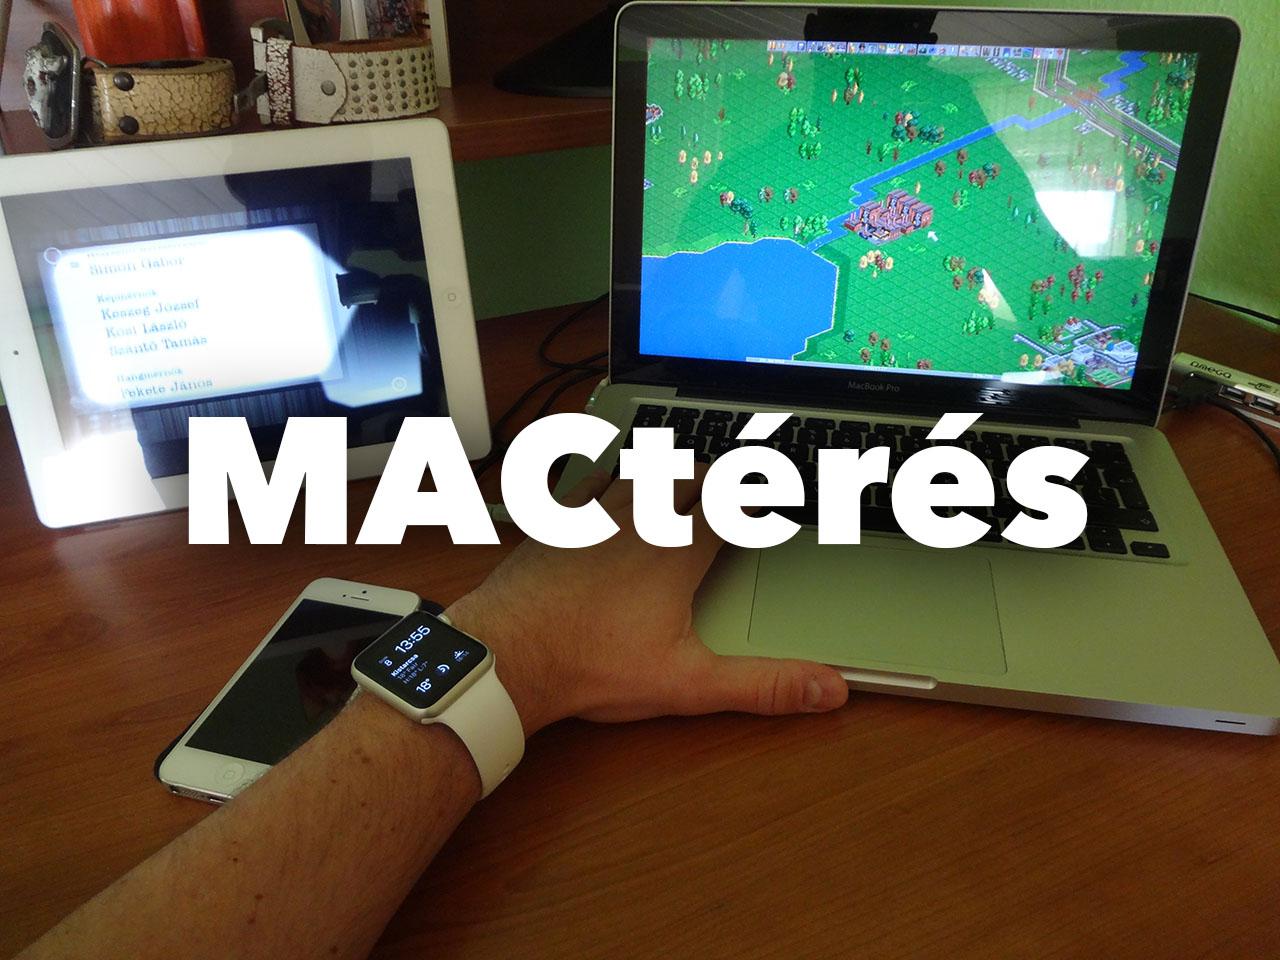 macteres